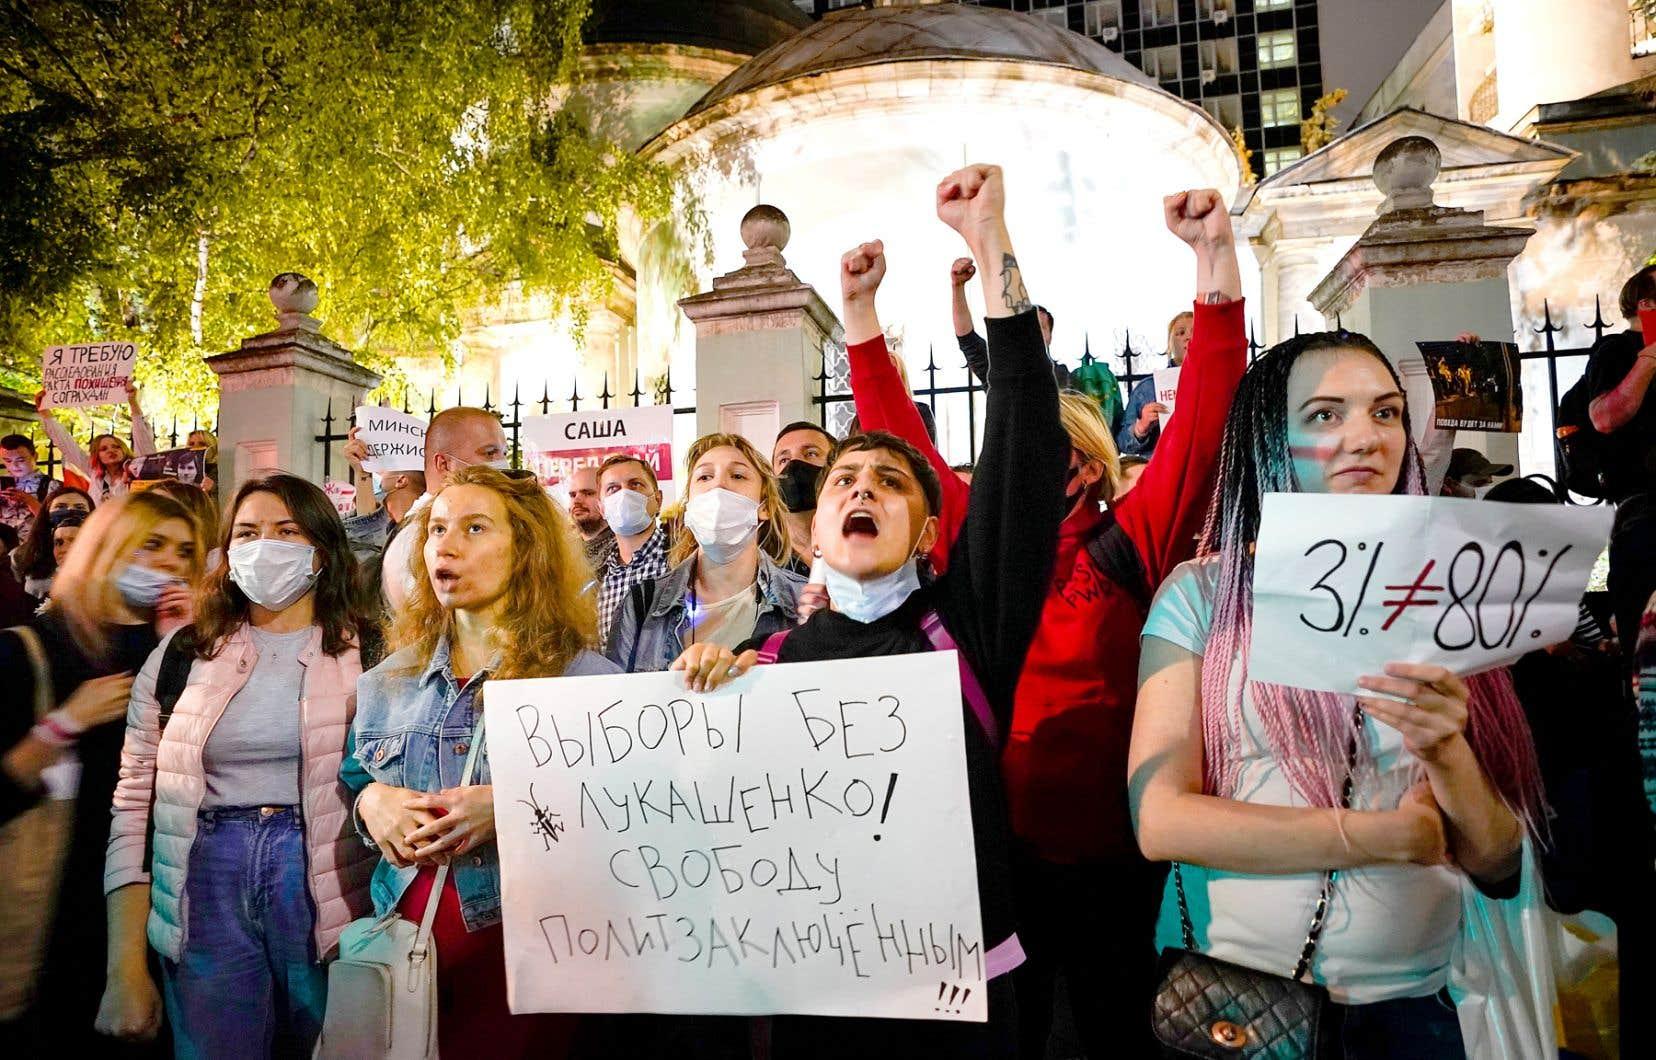 Mardi soir, des centaines de protestataires se sont réunis dans le centre de Minsk. Plusieurs brandissaient des pancartes qui tournaient en dérision les résultats officiels du scrutin de dimanche.